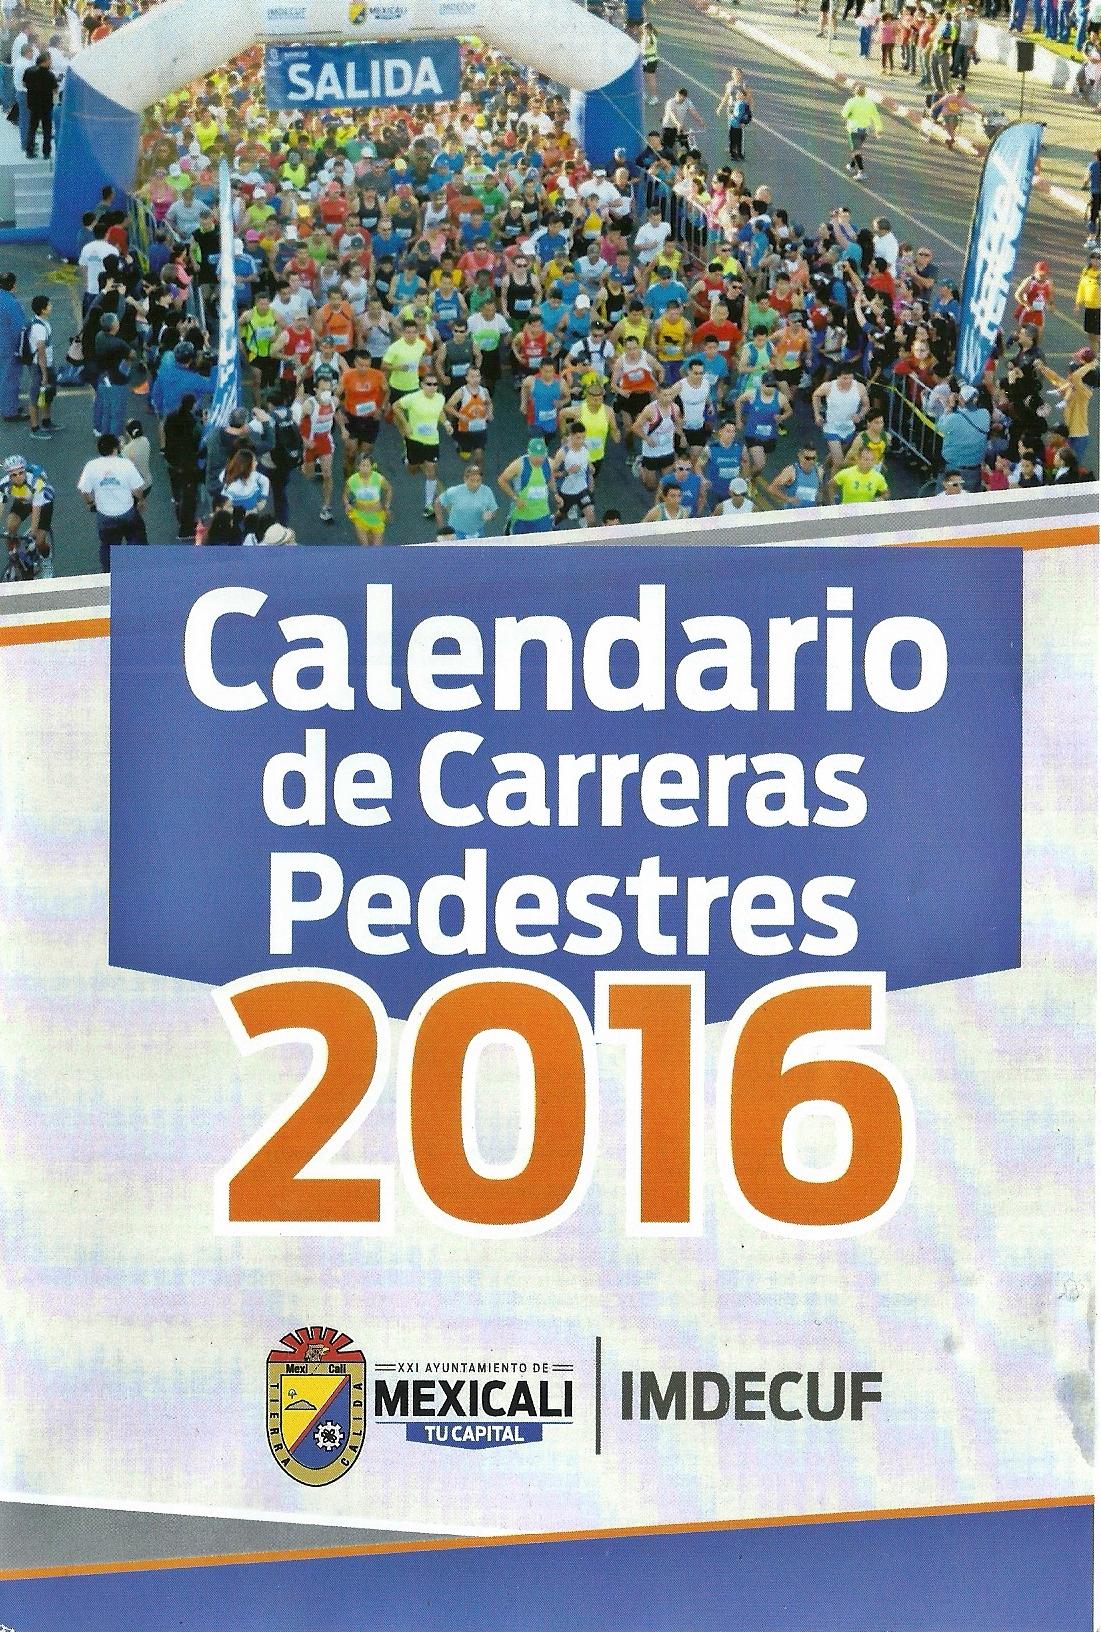 Calendario De Carreras Pedestres Mexicali 2016 Sudor Cachanilla